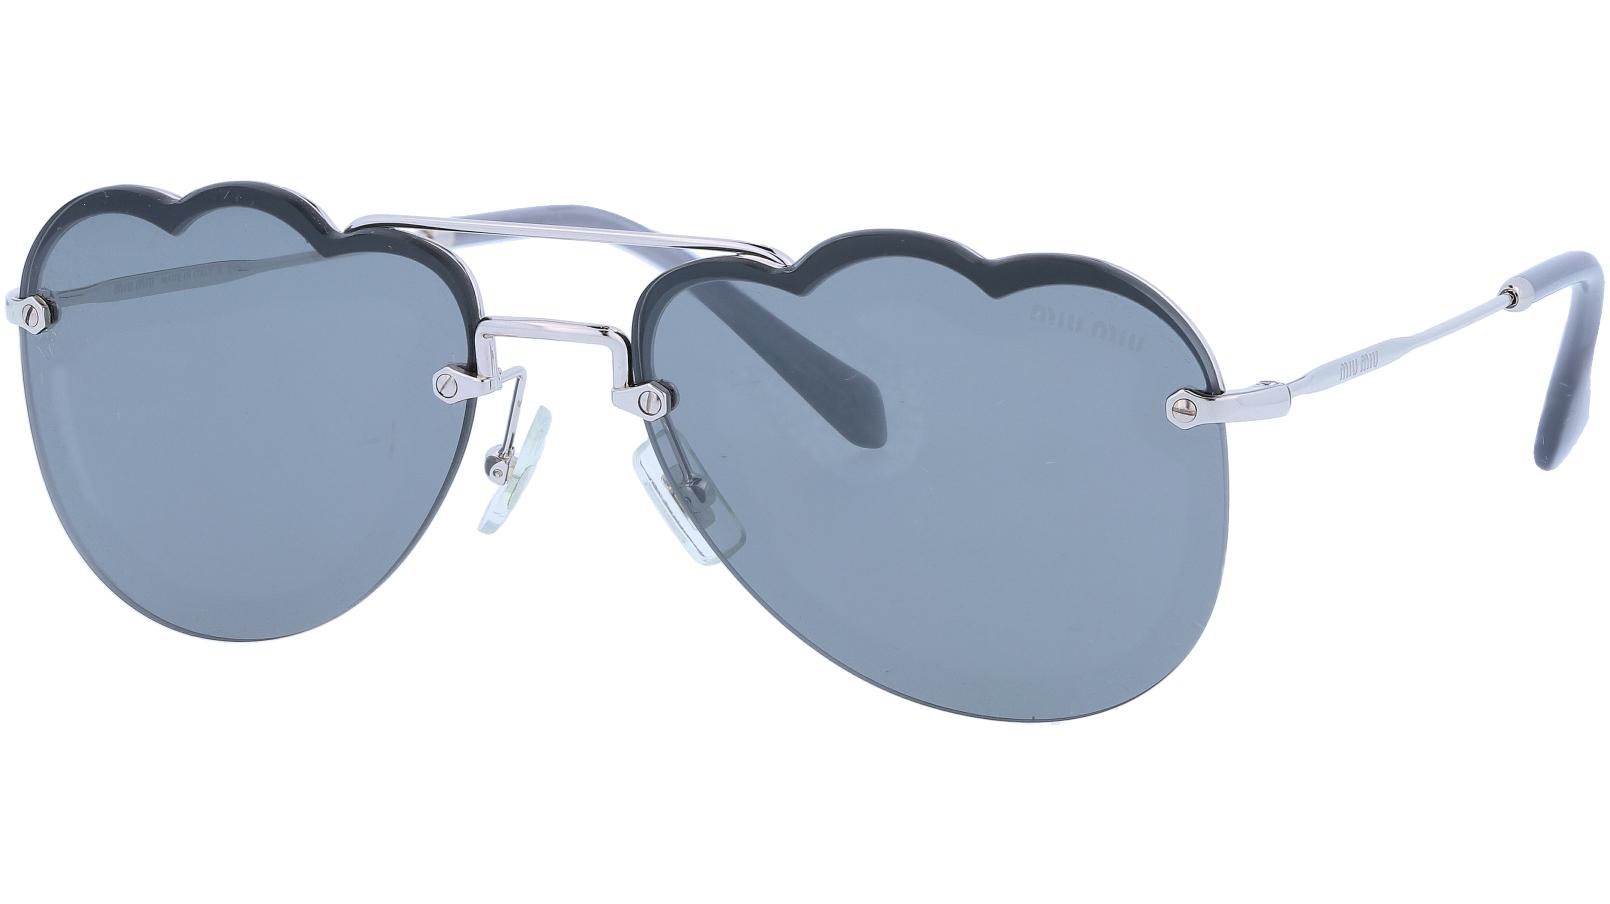 Miu Miu MU56US 1BC175 58 Grey Sunglasses